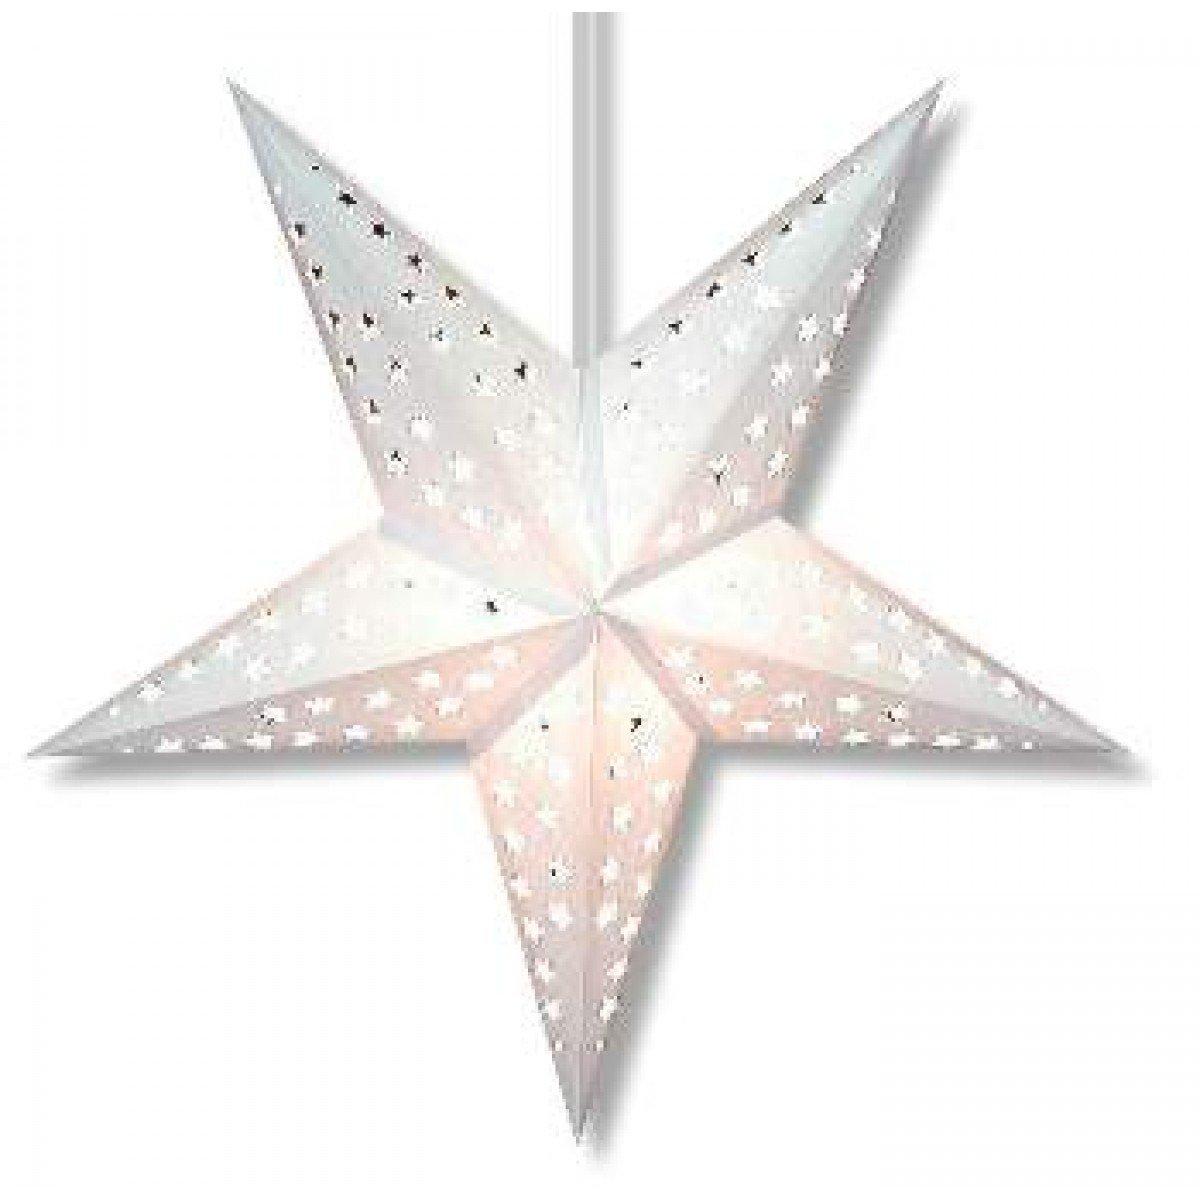 Purity Hanging Paper Star Lantern